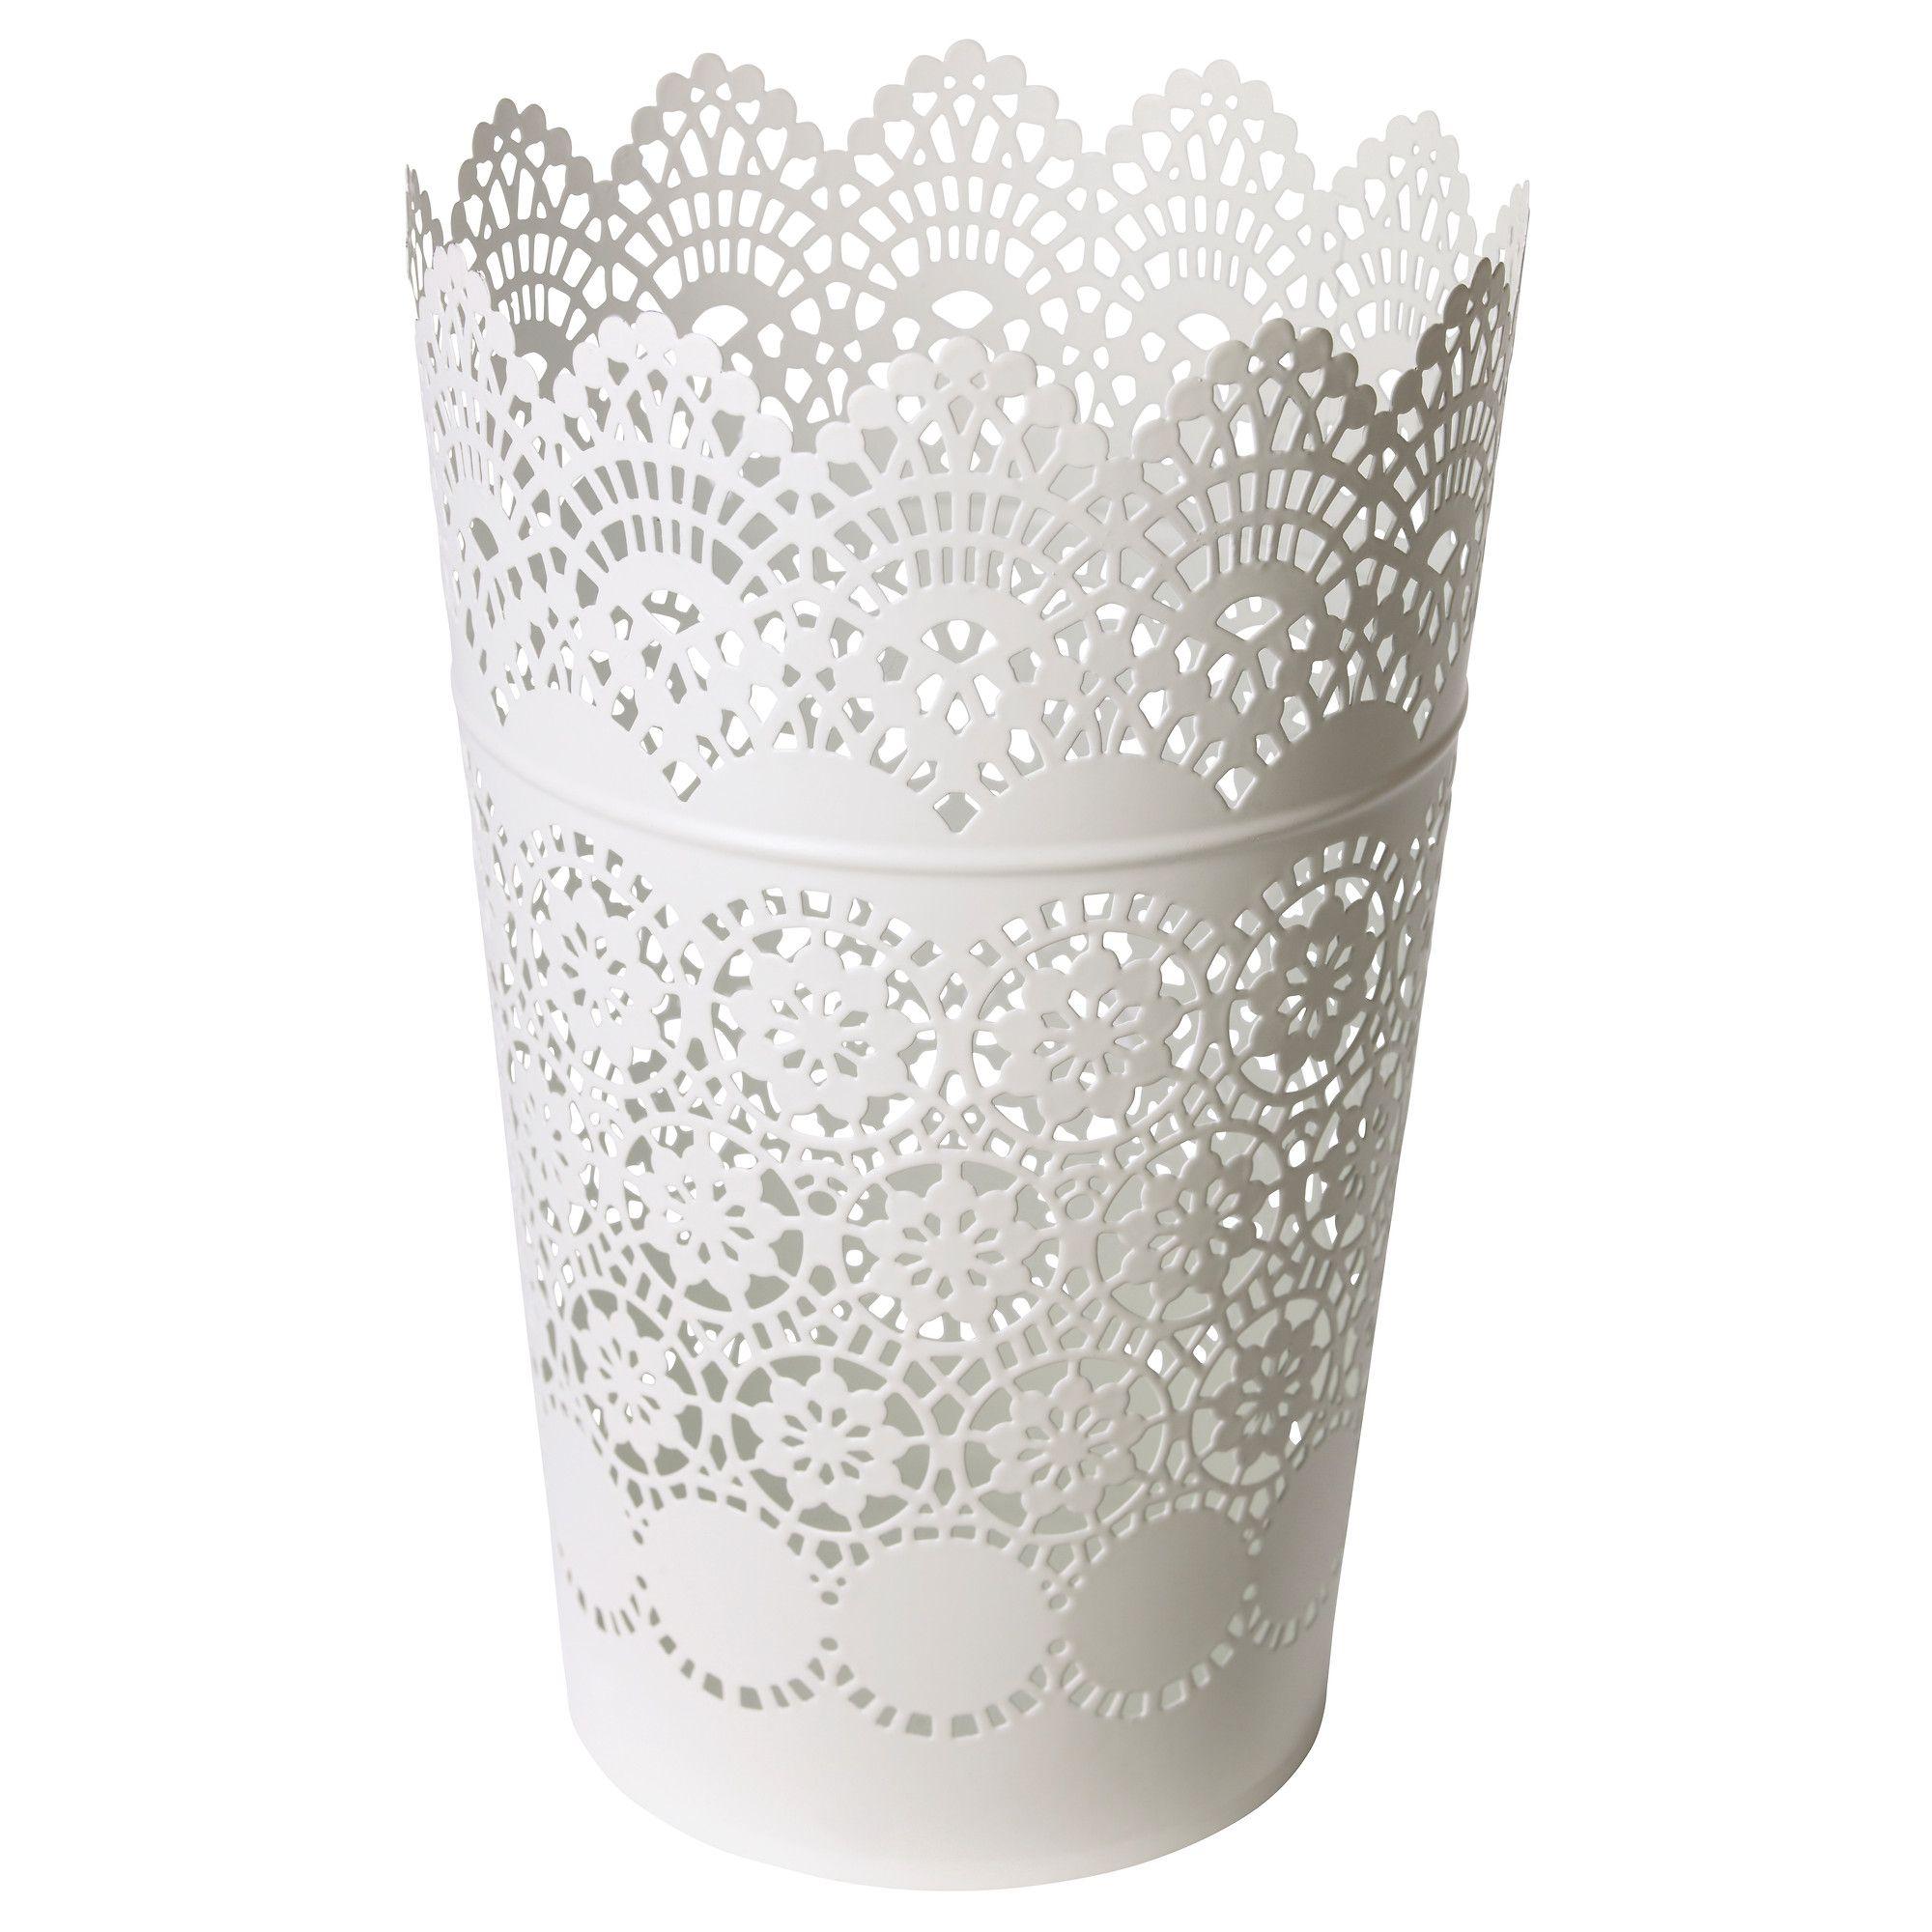 Skurar Lantern For Block Candle Ikea Shopping Ikea Candles